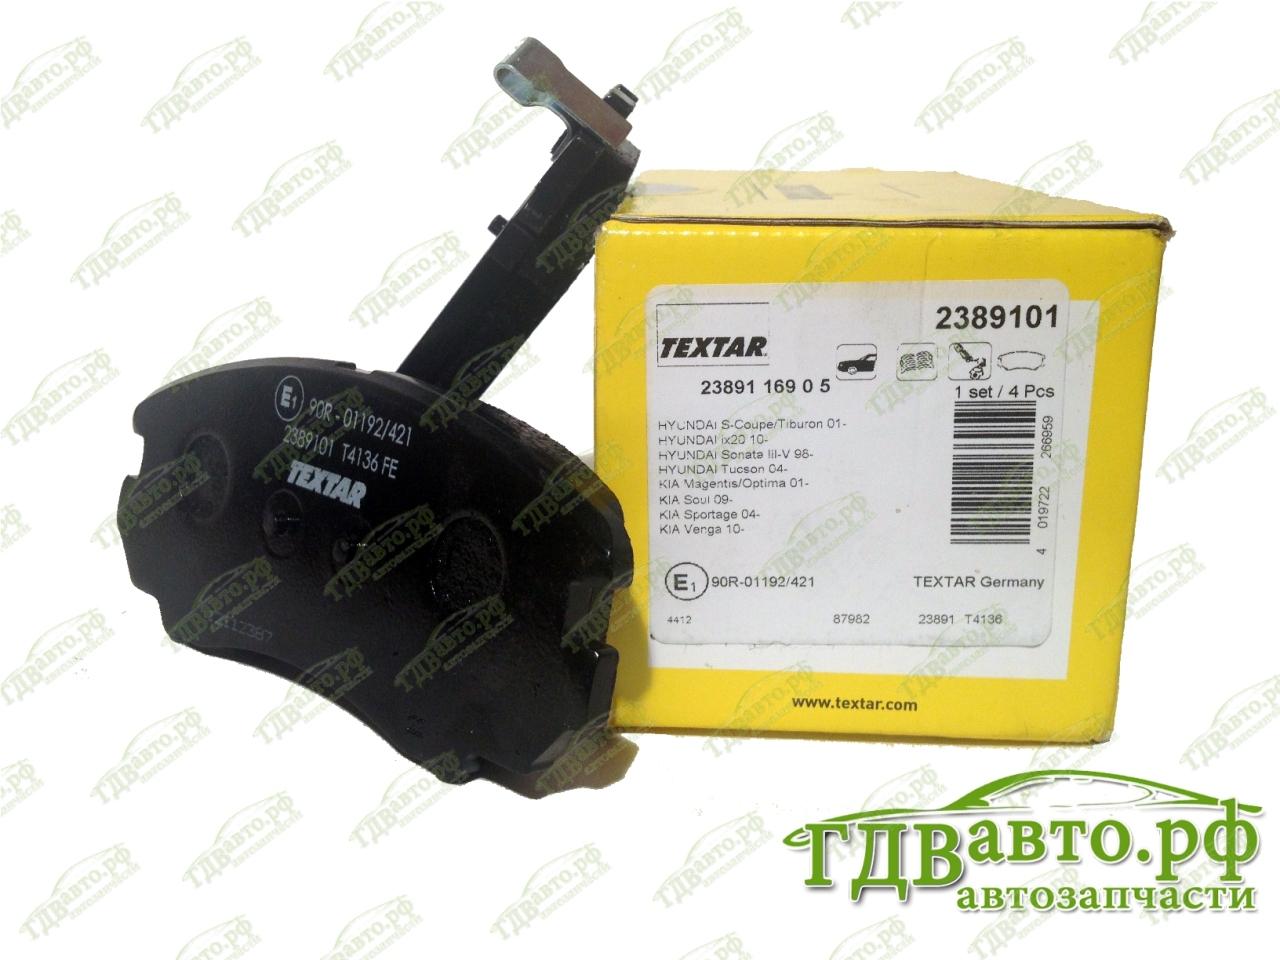 Колодки тормозные дисковые, 4 шт Textar 23891012389101